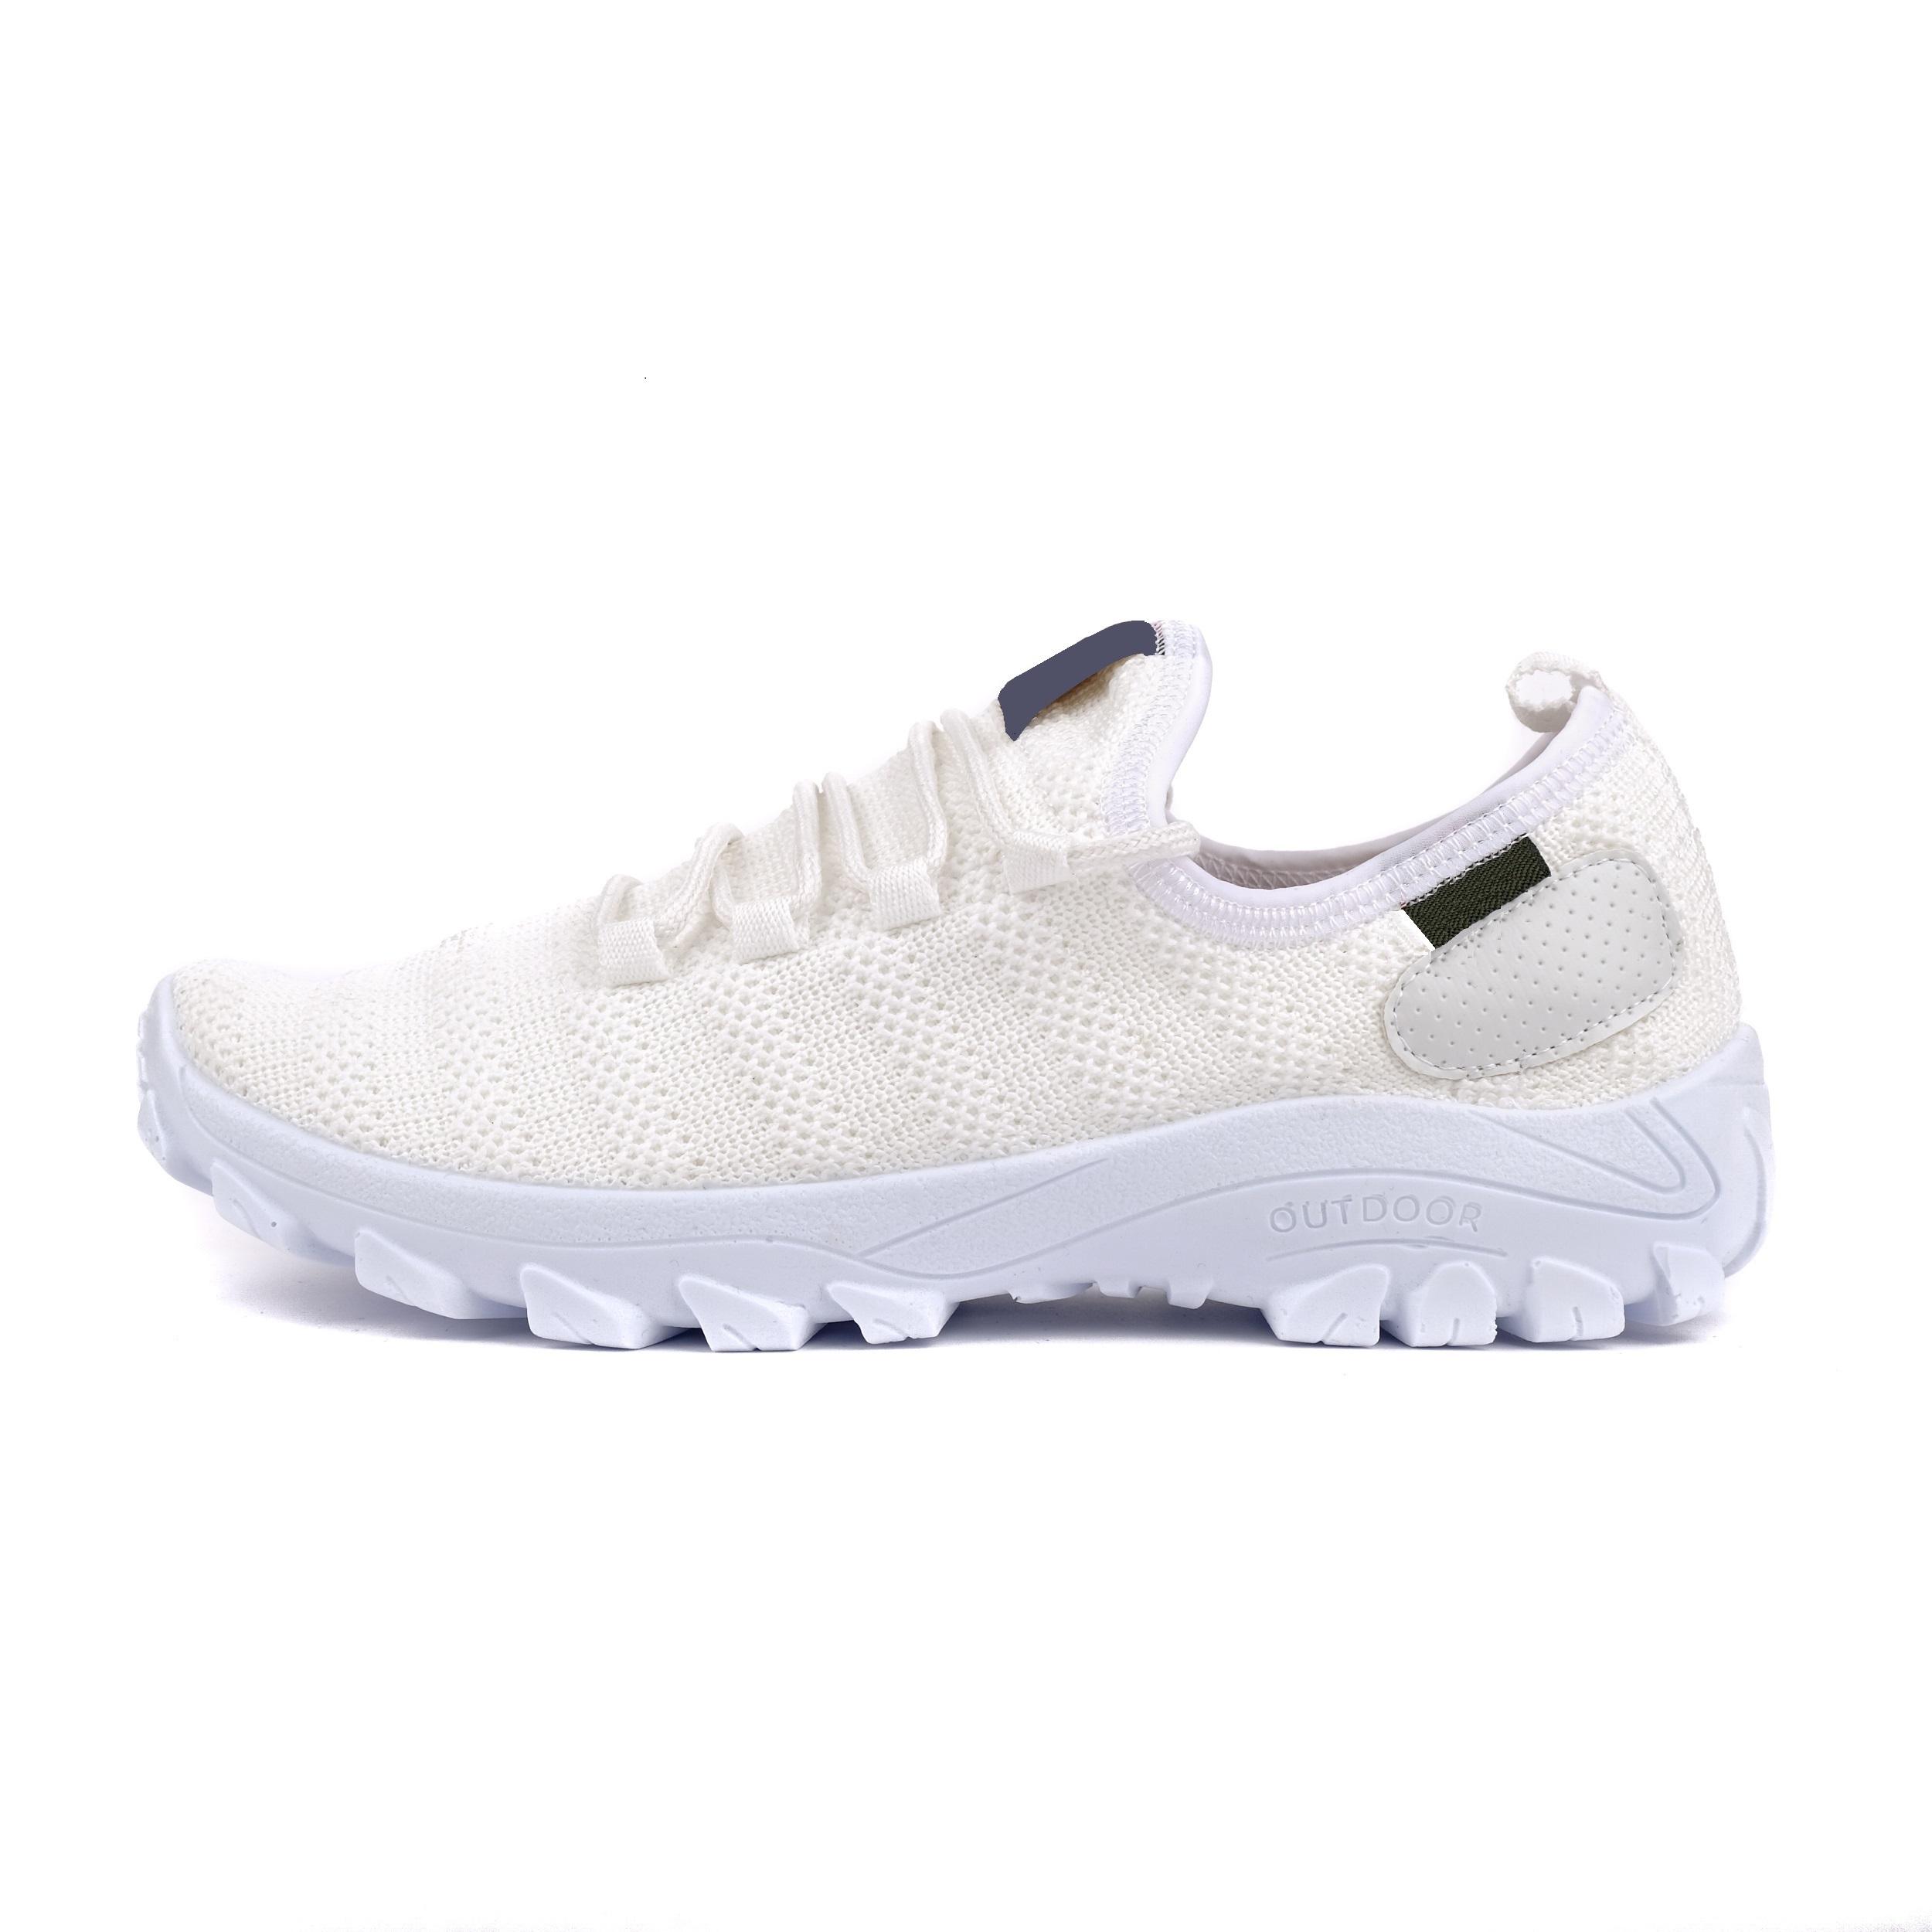 قیمت کفش مخصوص دویدن مردانه مدل arshi-kohestani